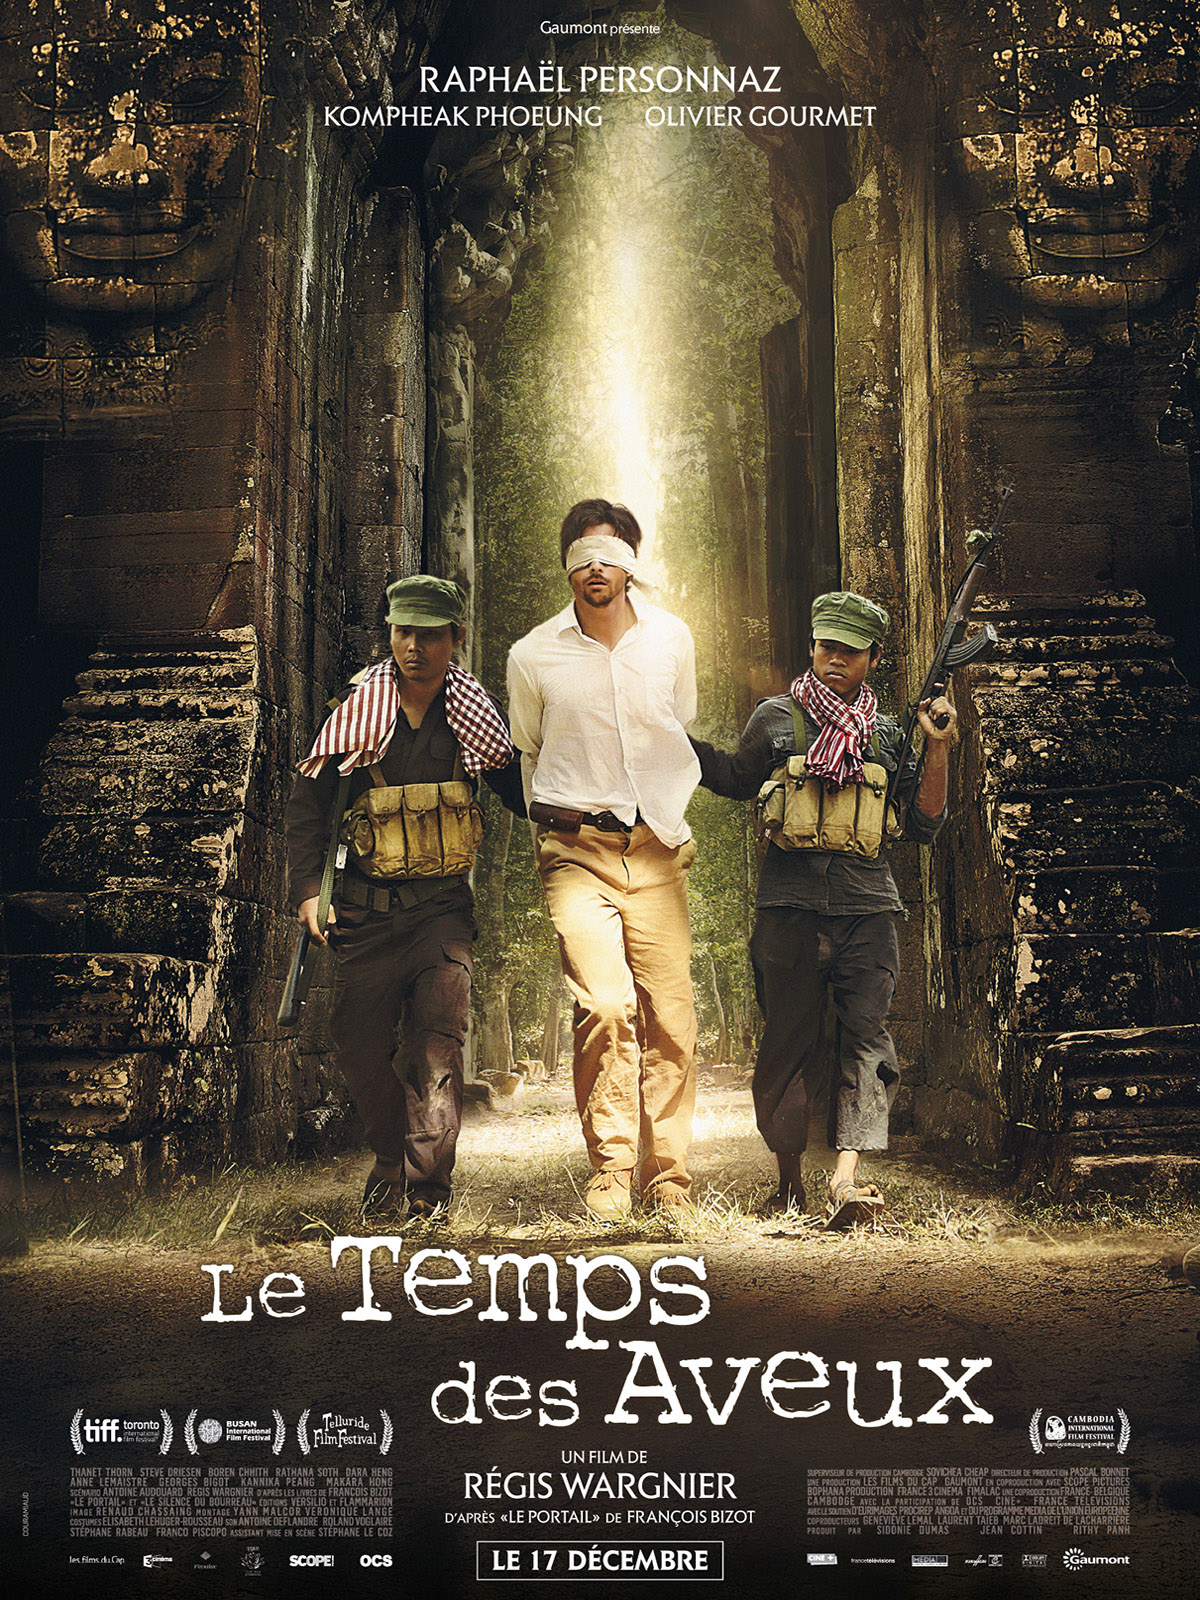 프랑스출신 민속학자 프랑스와 비조가 실제 경험한 이야기를 소재로 만든 영화 '고백의 시간'  불어버전 포스터.